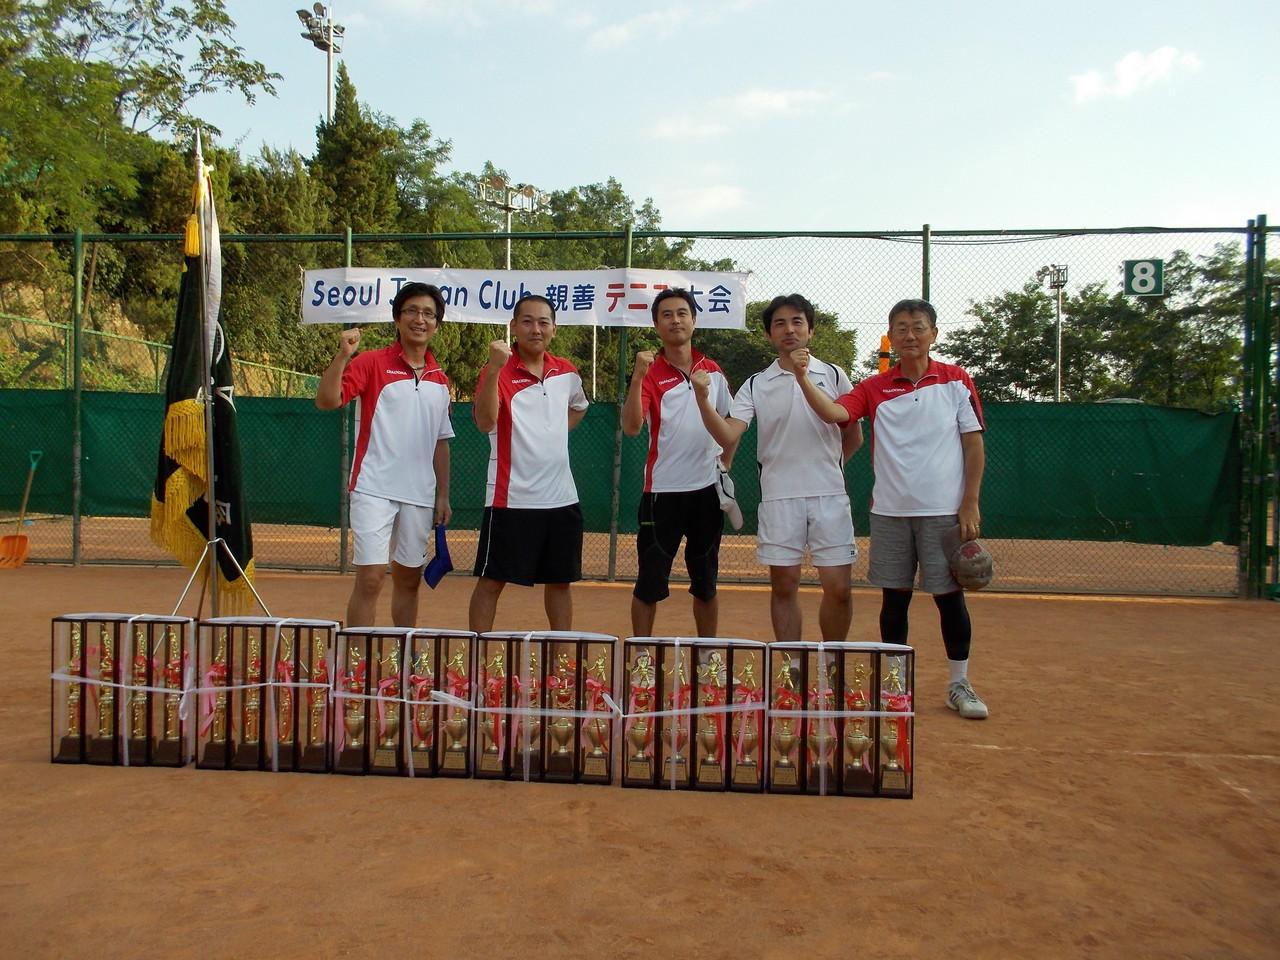 Aチーム 準優勝おめでとうございます。